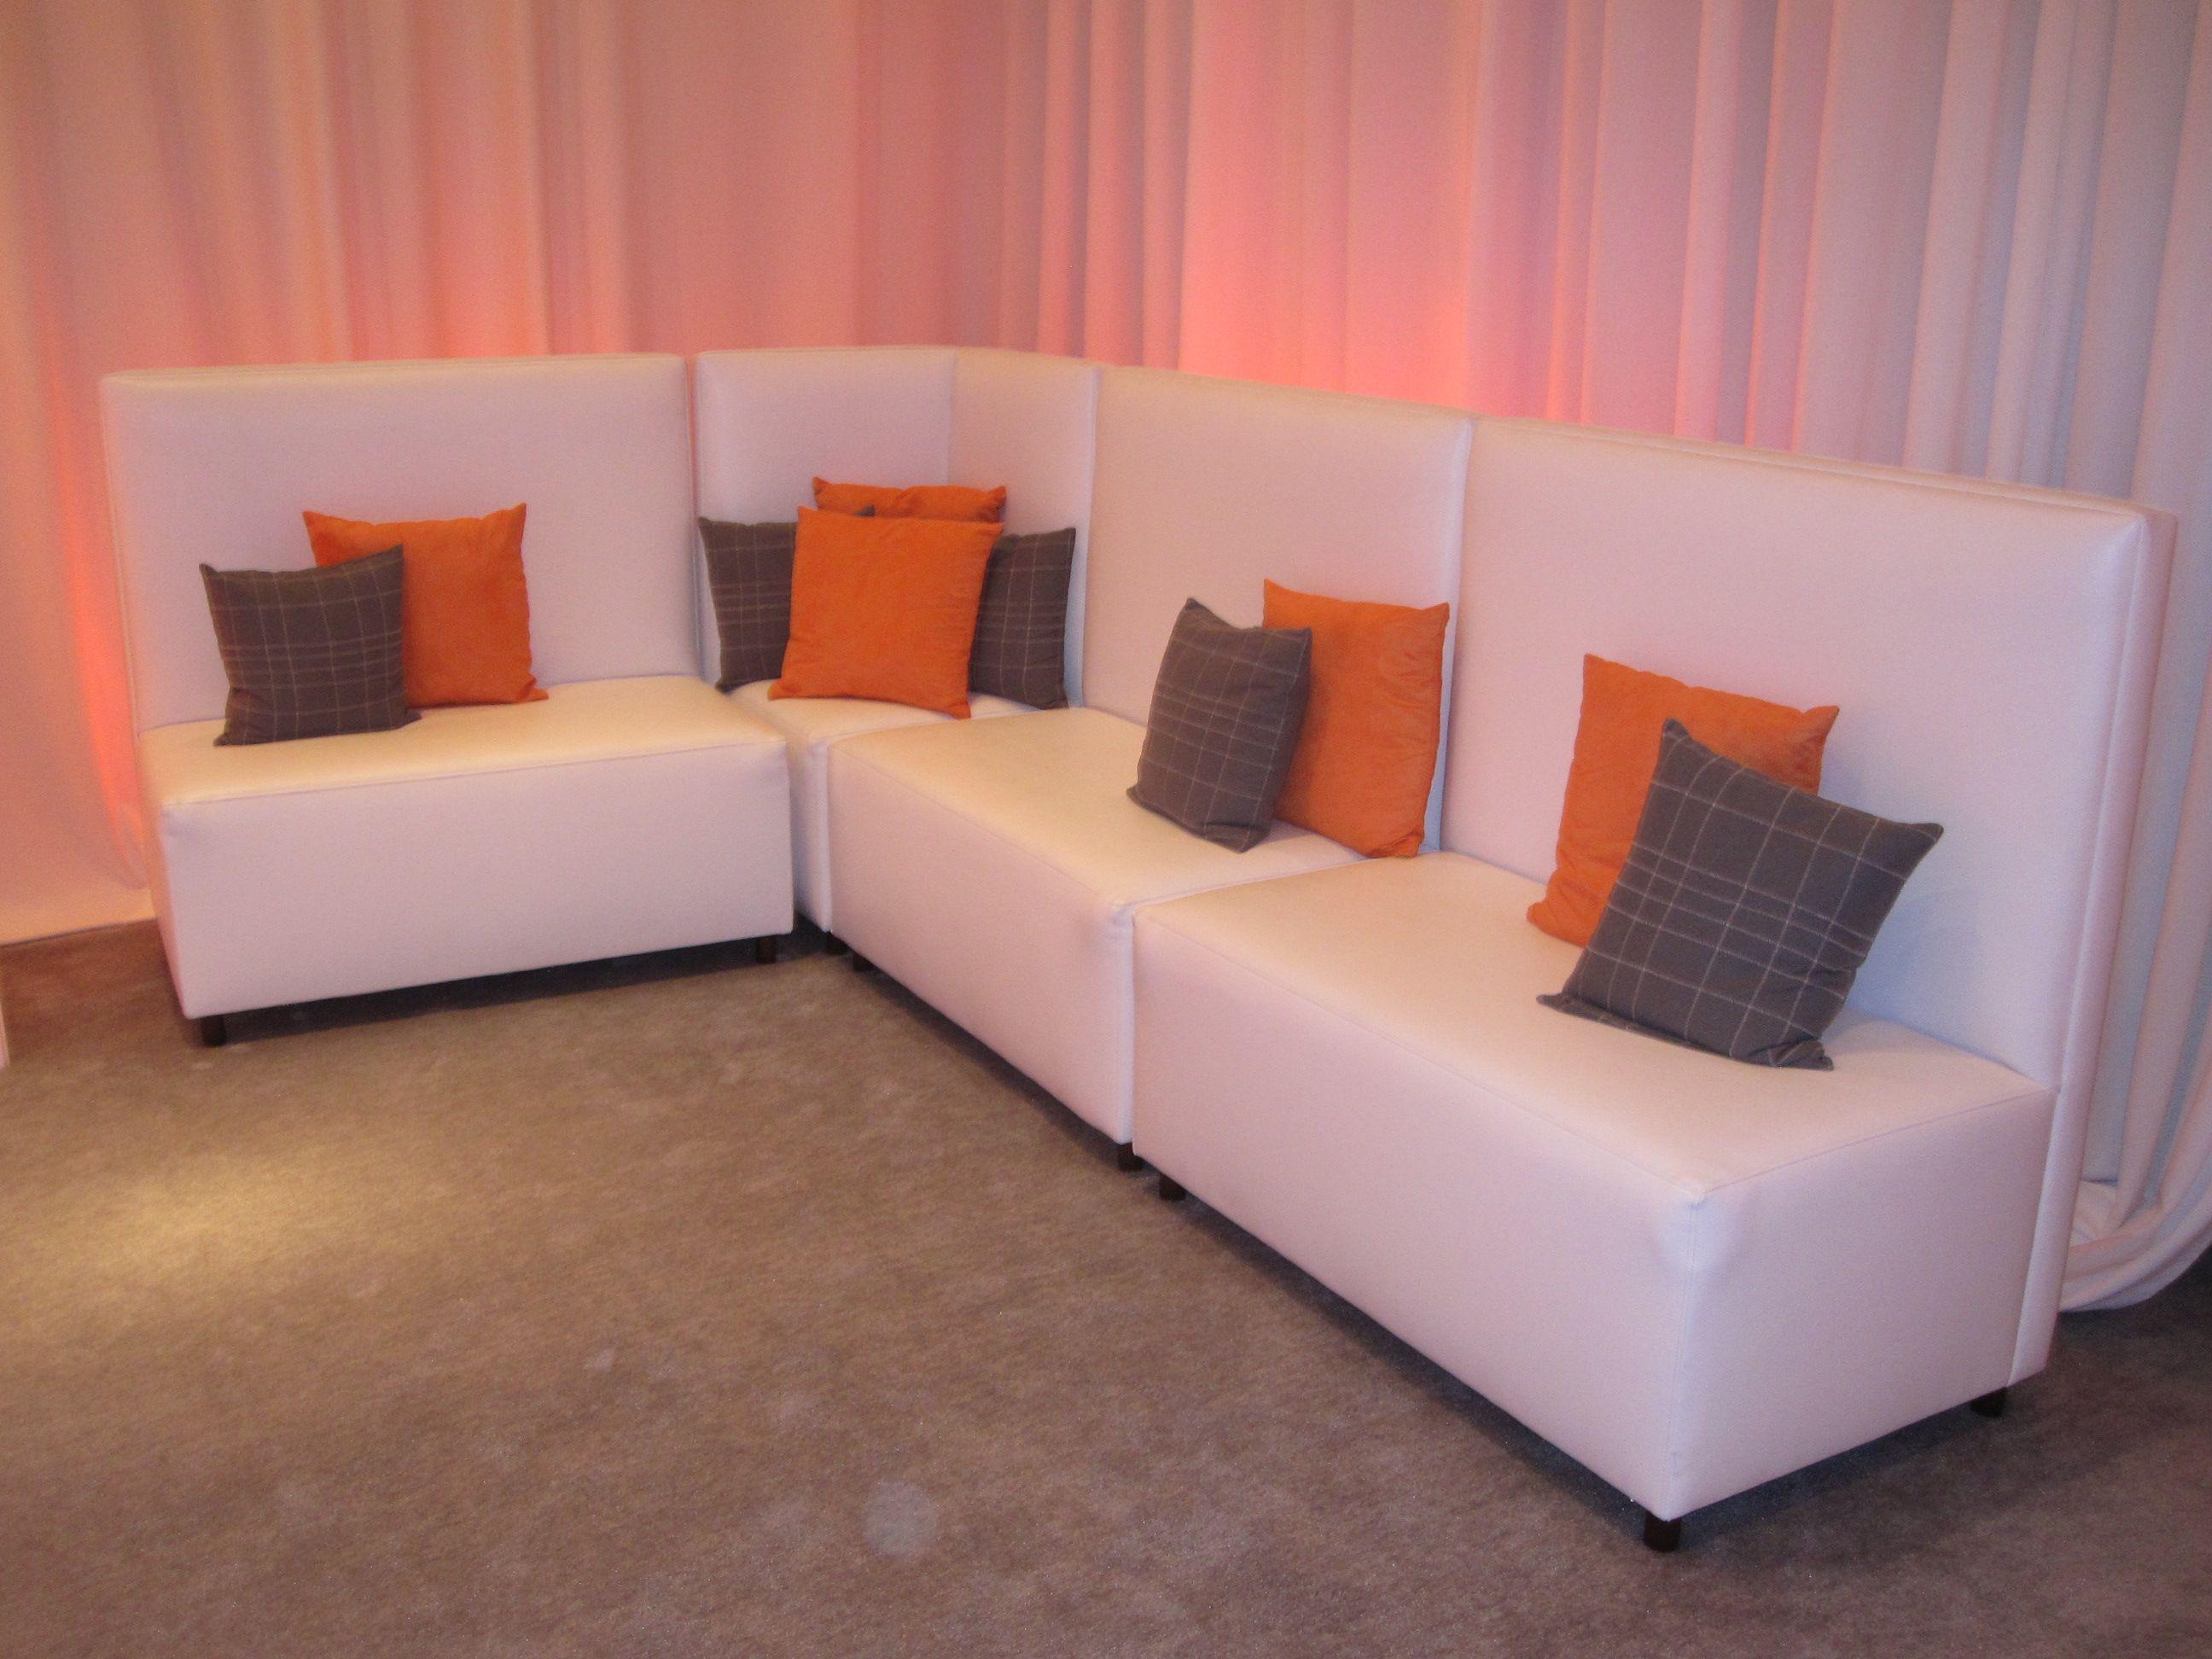 gray sofa orange pillows - photo #26